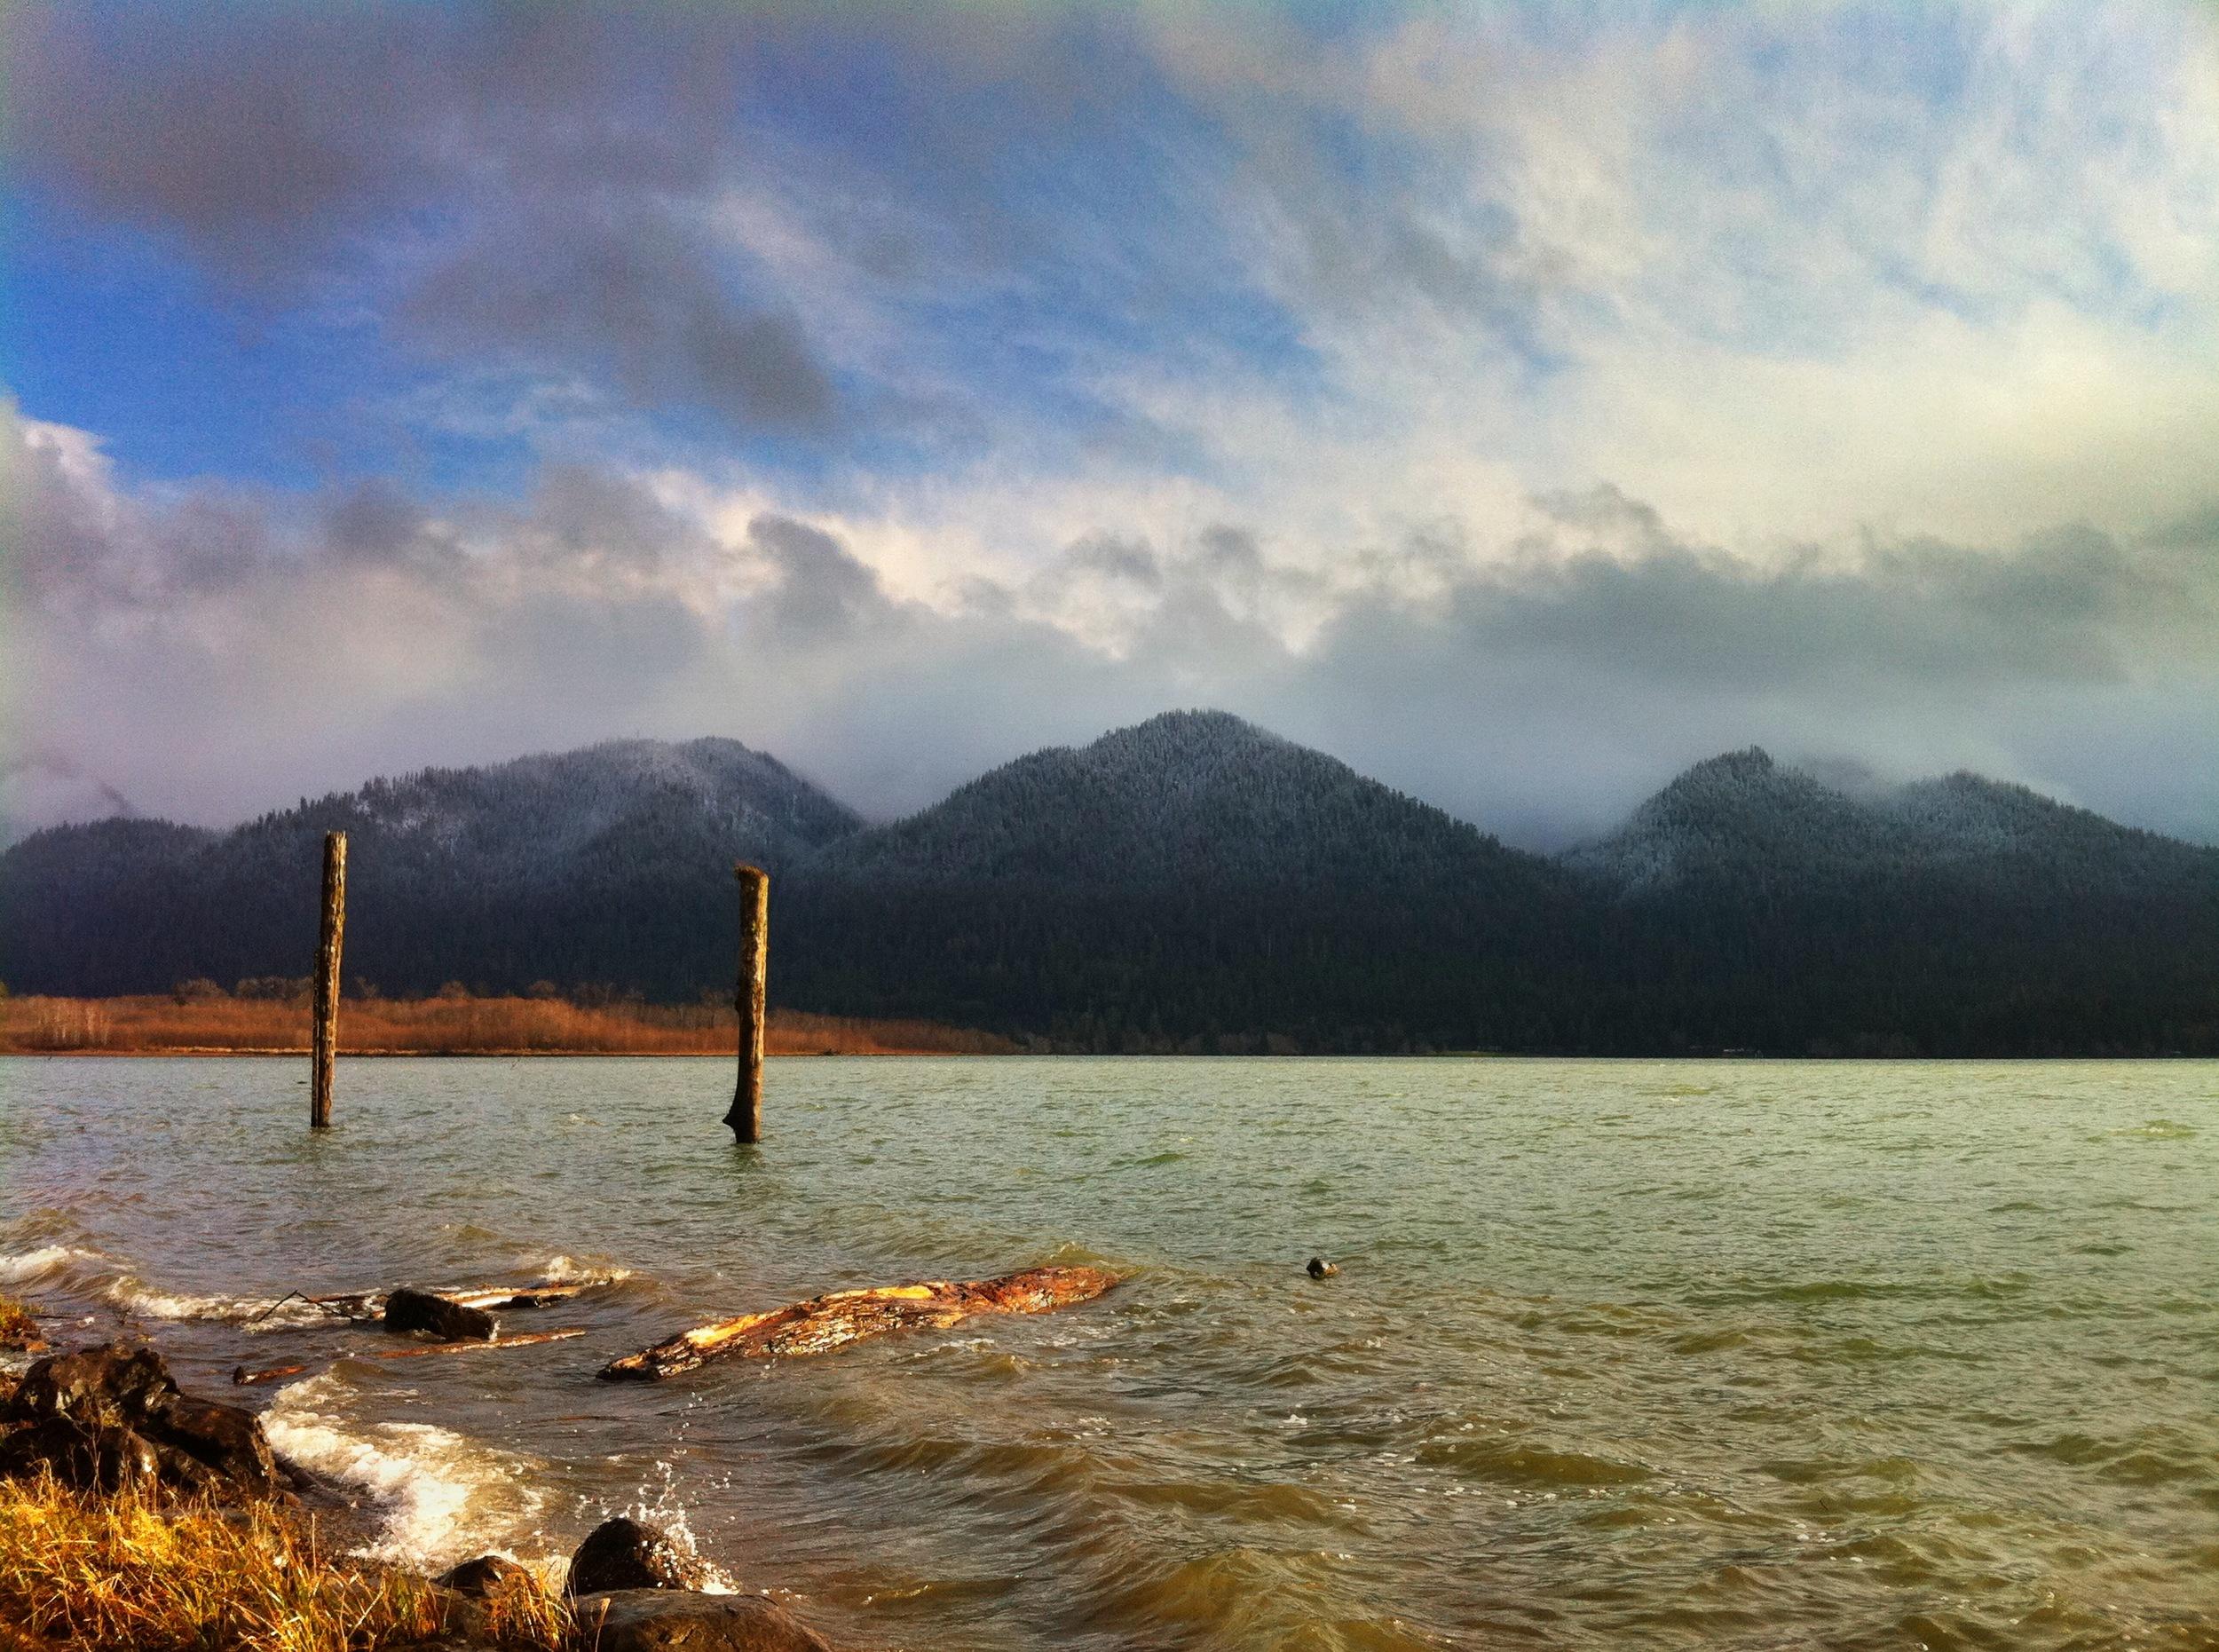 2012-01-14 2012-01-14 001 011.JPG